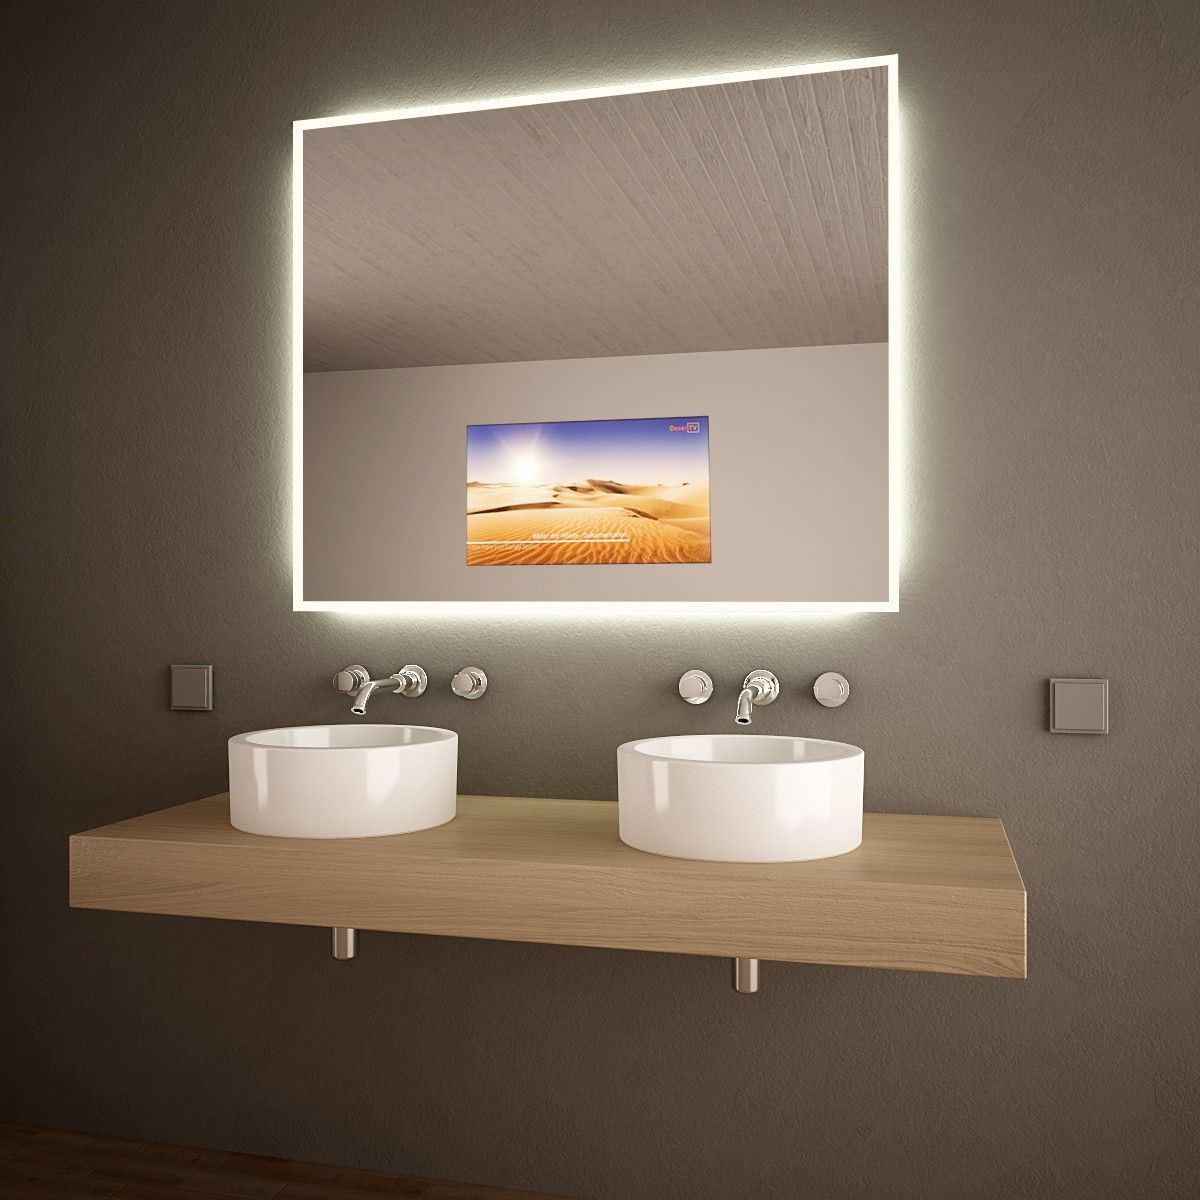 Tv Spiegel Waving Ein Umlaufender Satinierter Rahmen Am